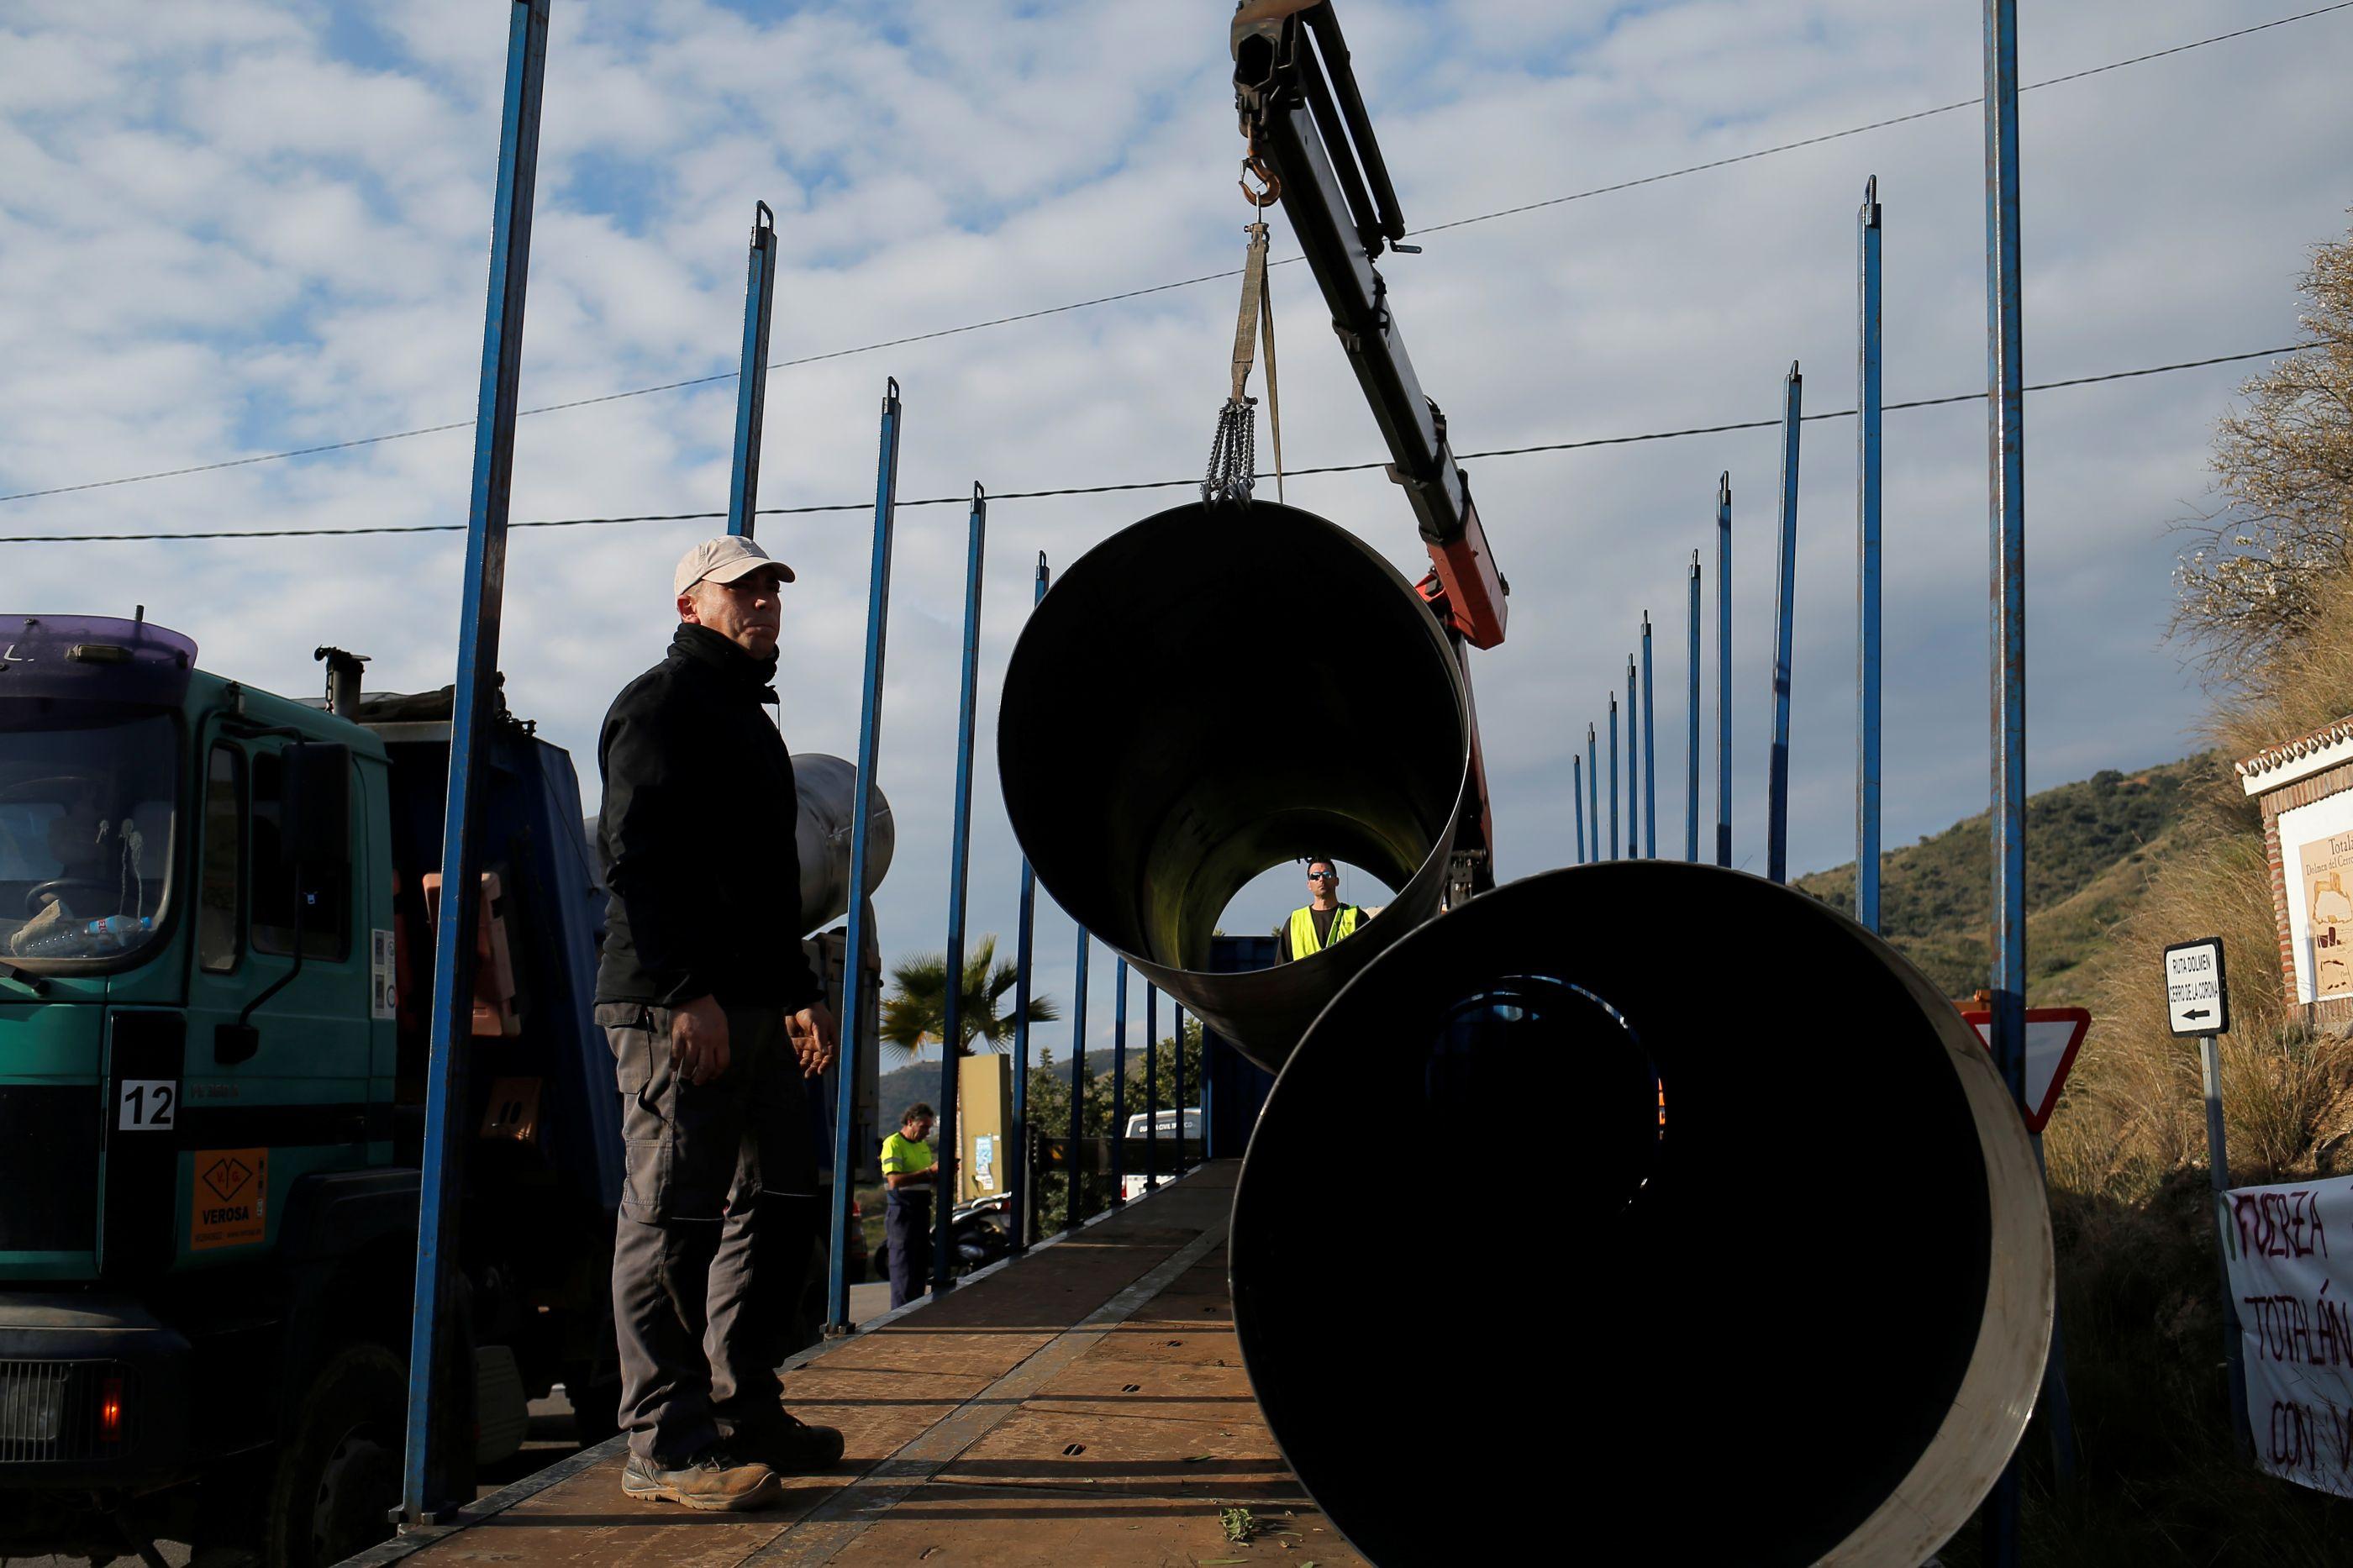 Em Málaga, começou a perfuração de túnel para tentar chegar a Julen